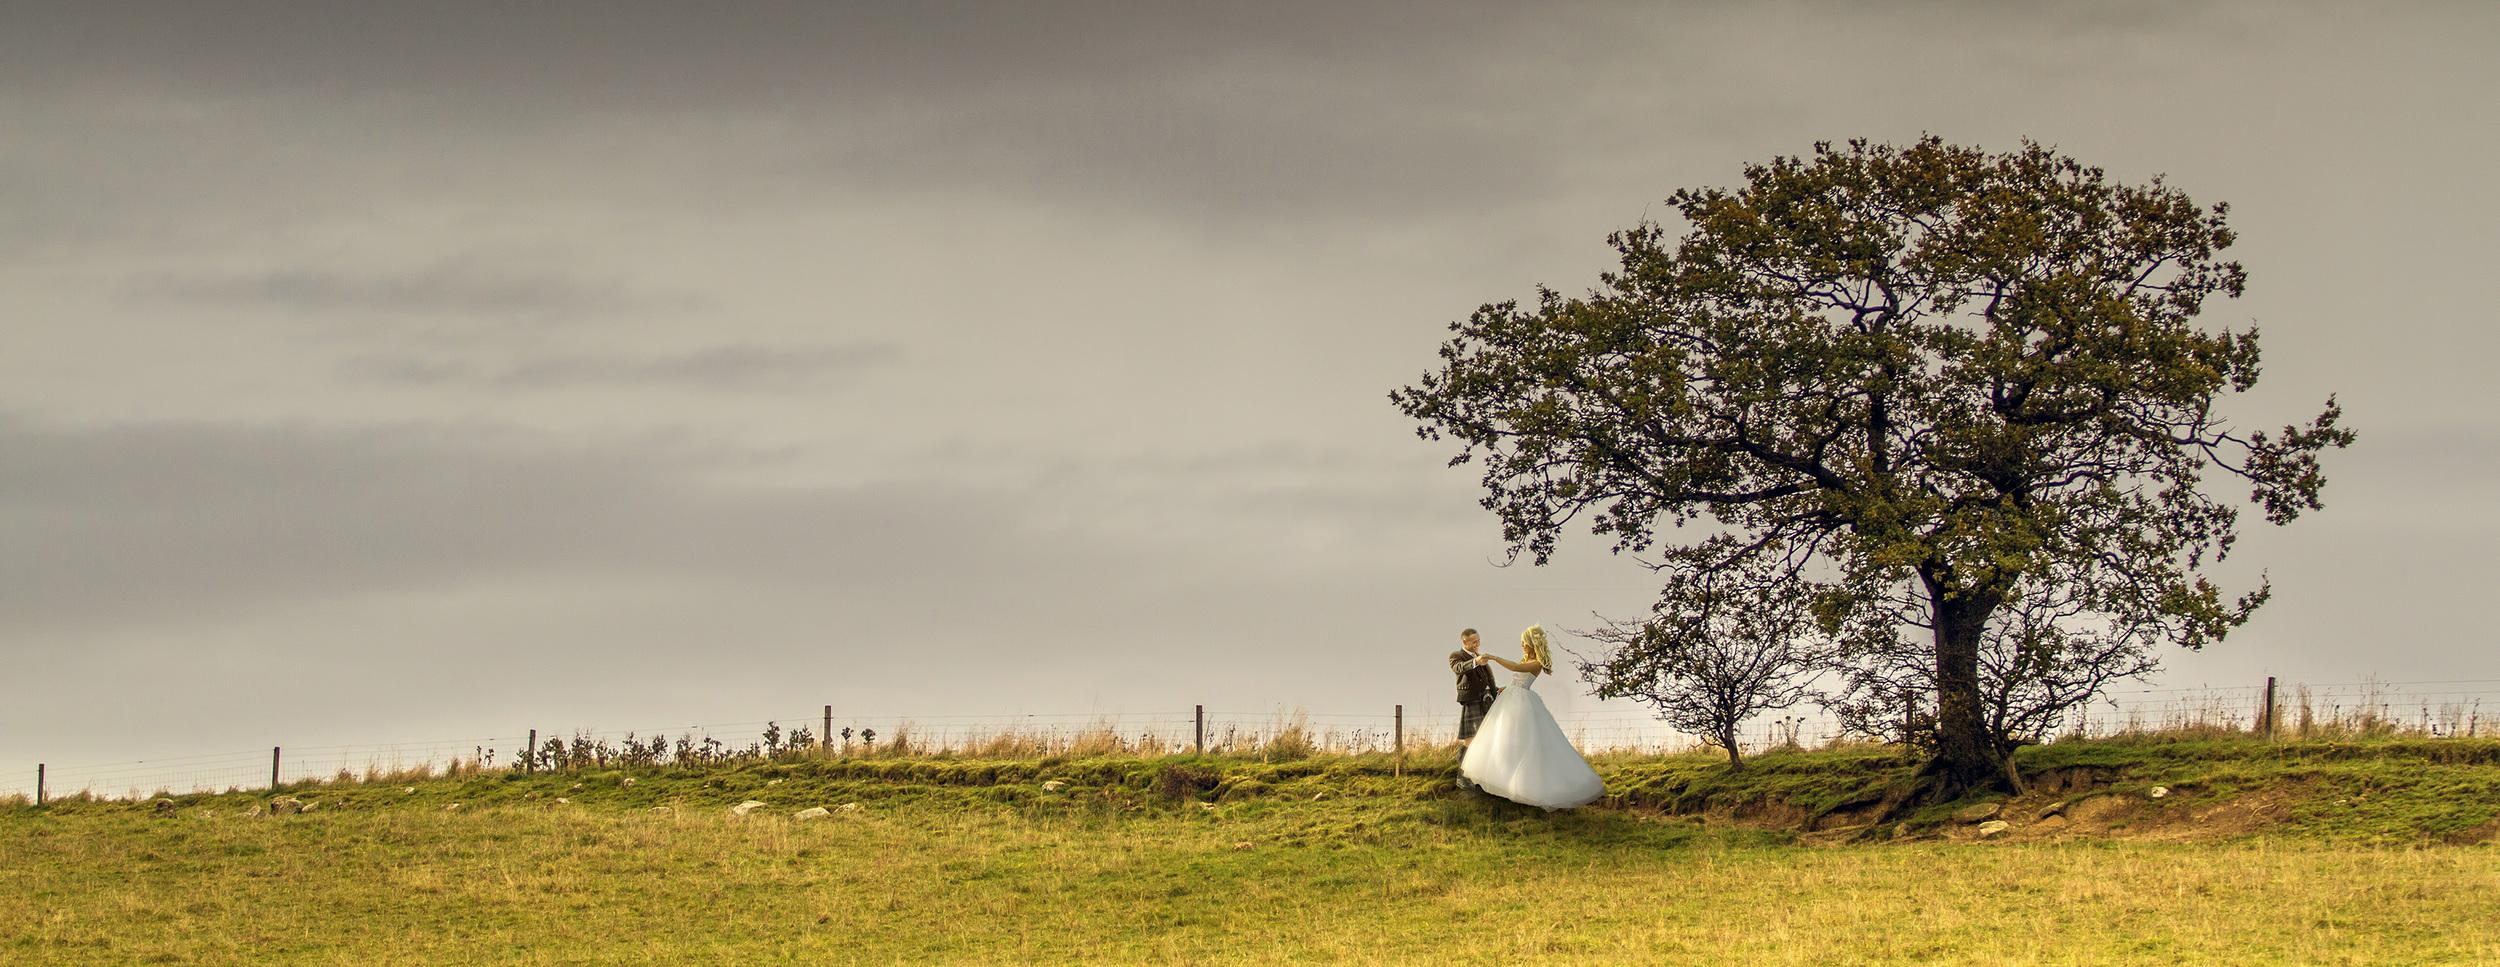 Solo tree in an empty field